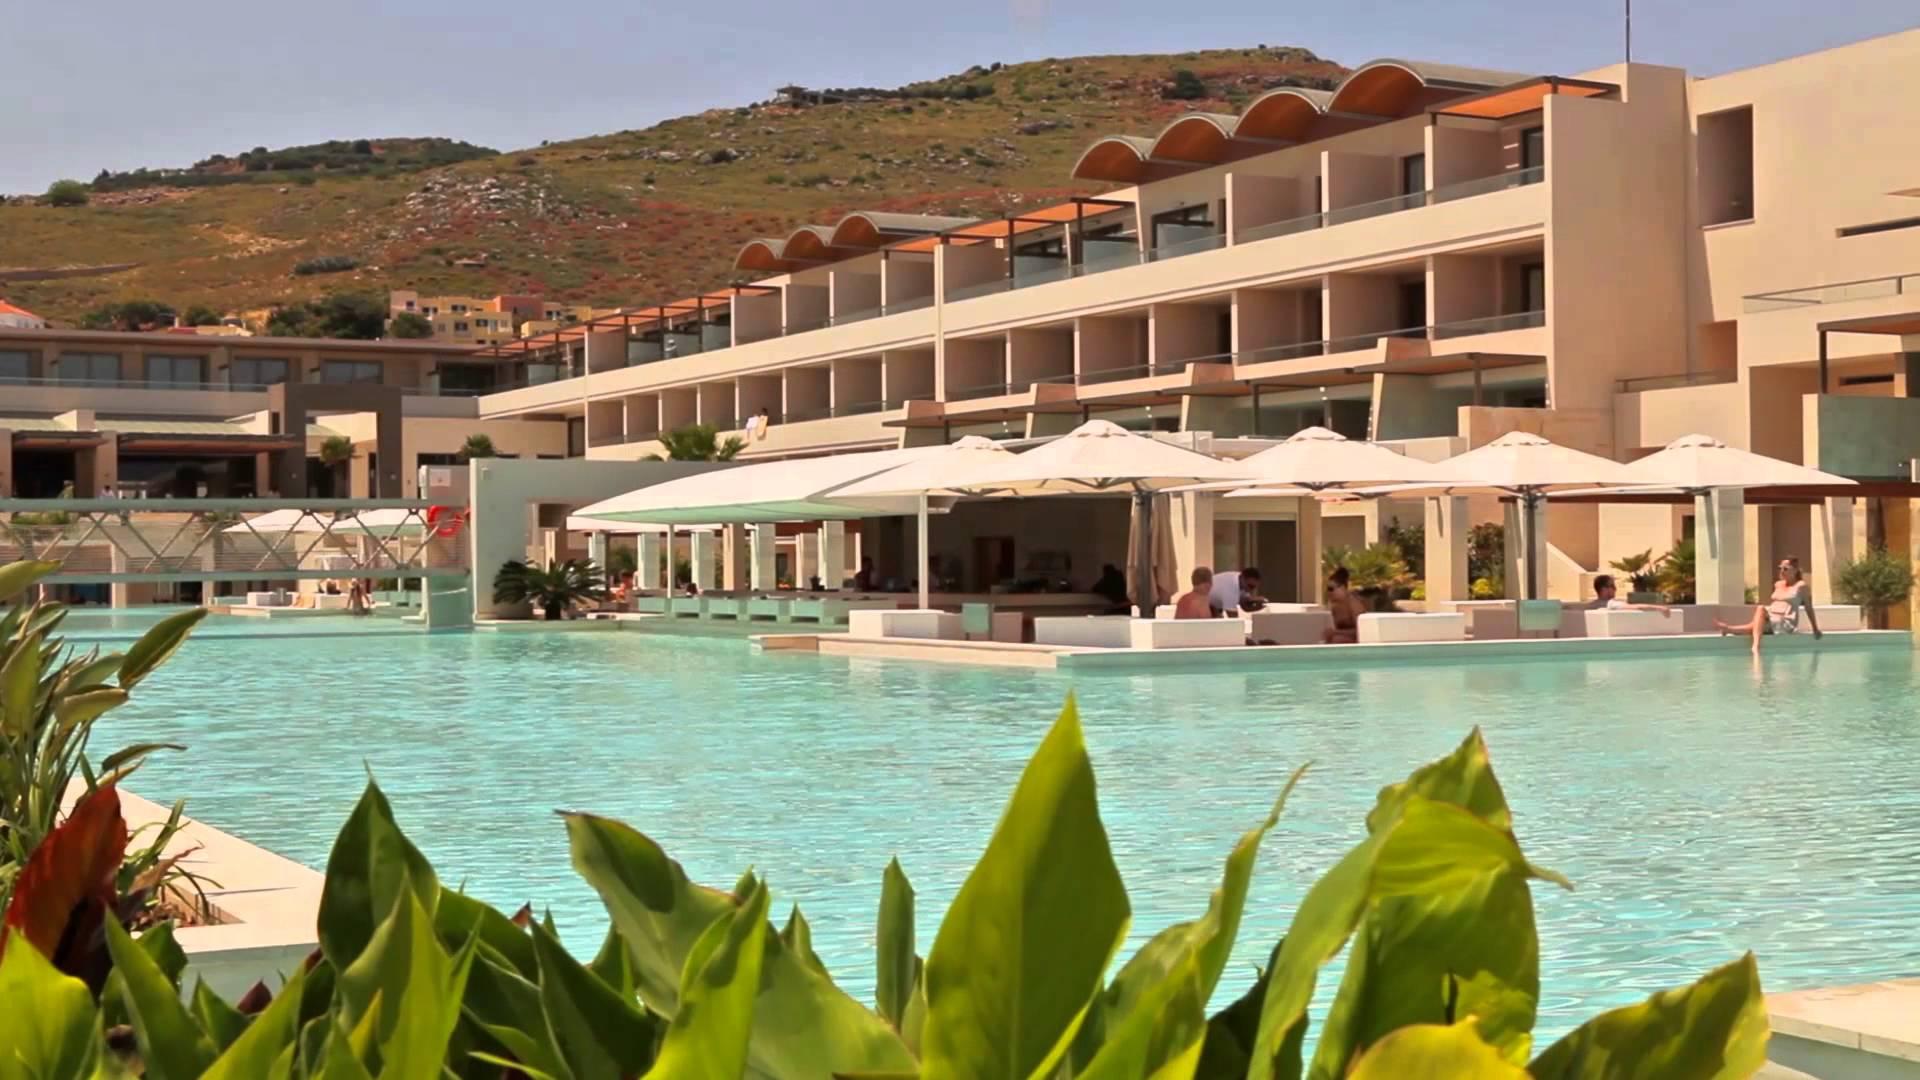 7+1 δωμάτια ξενοδοχείων για βαθιές βουτιές..στην πολυτέλεια!Τα 2 είναι δίπλα στην Αθήνα!!!(photo)